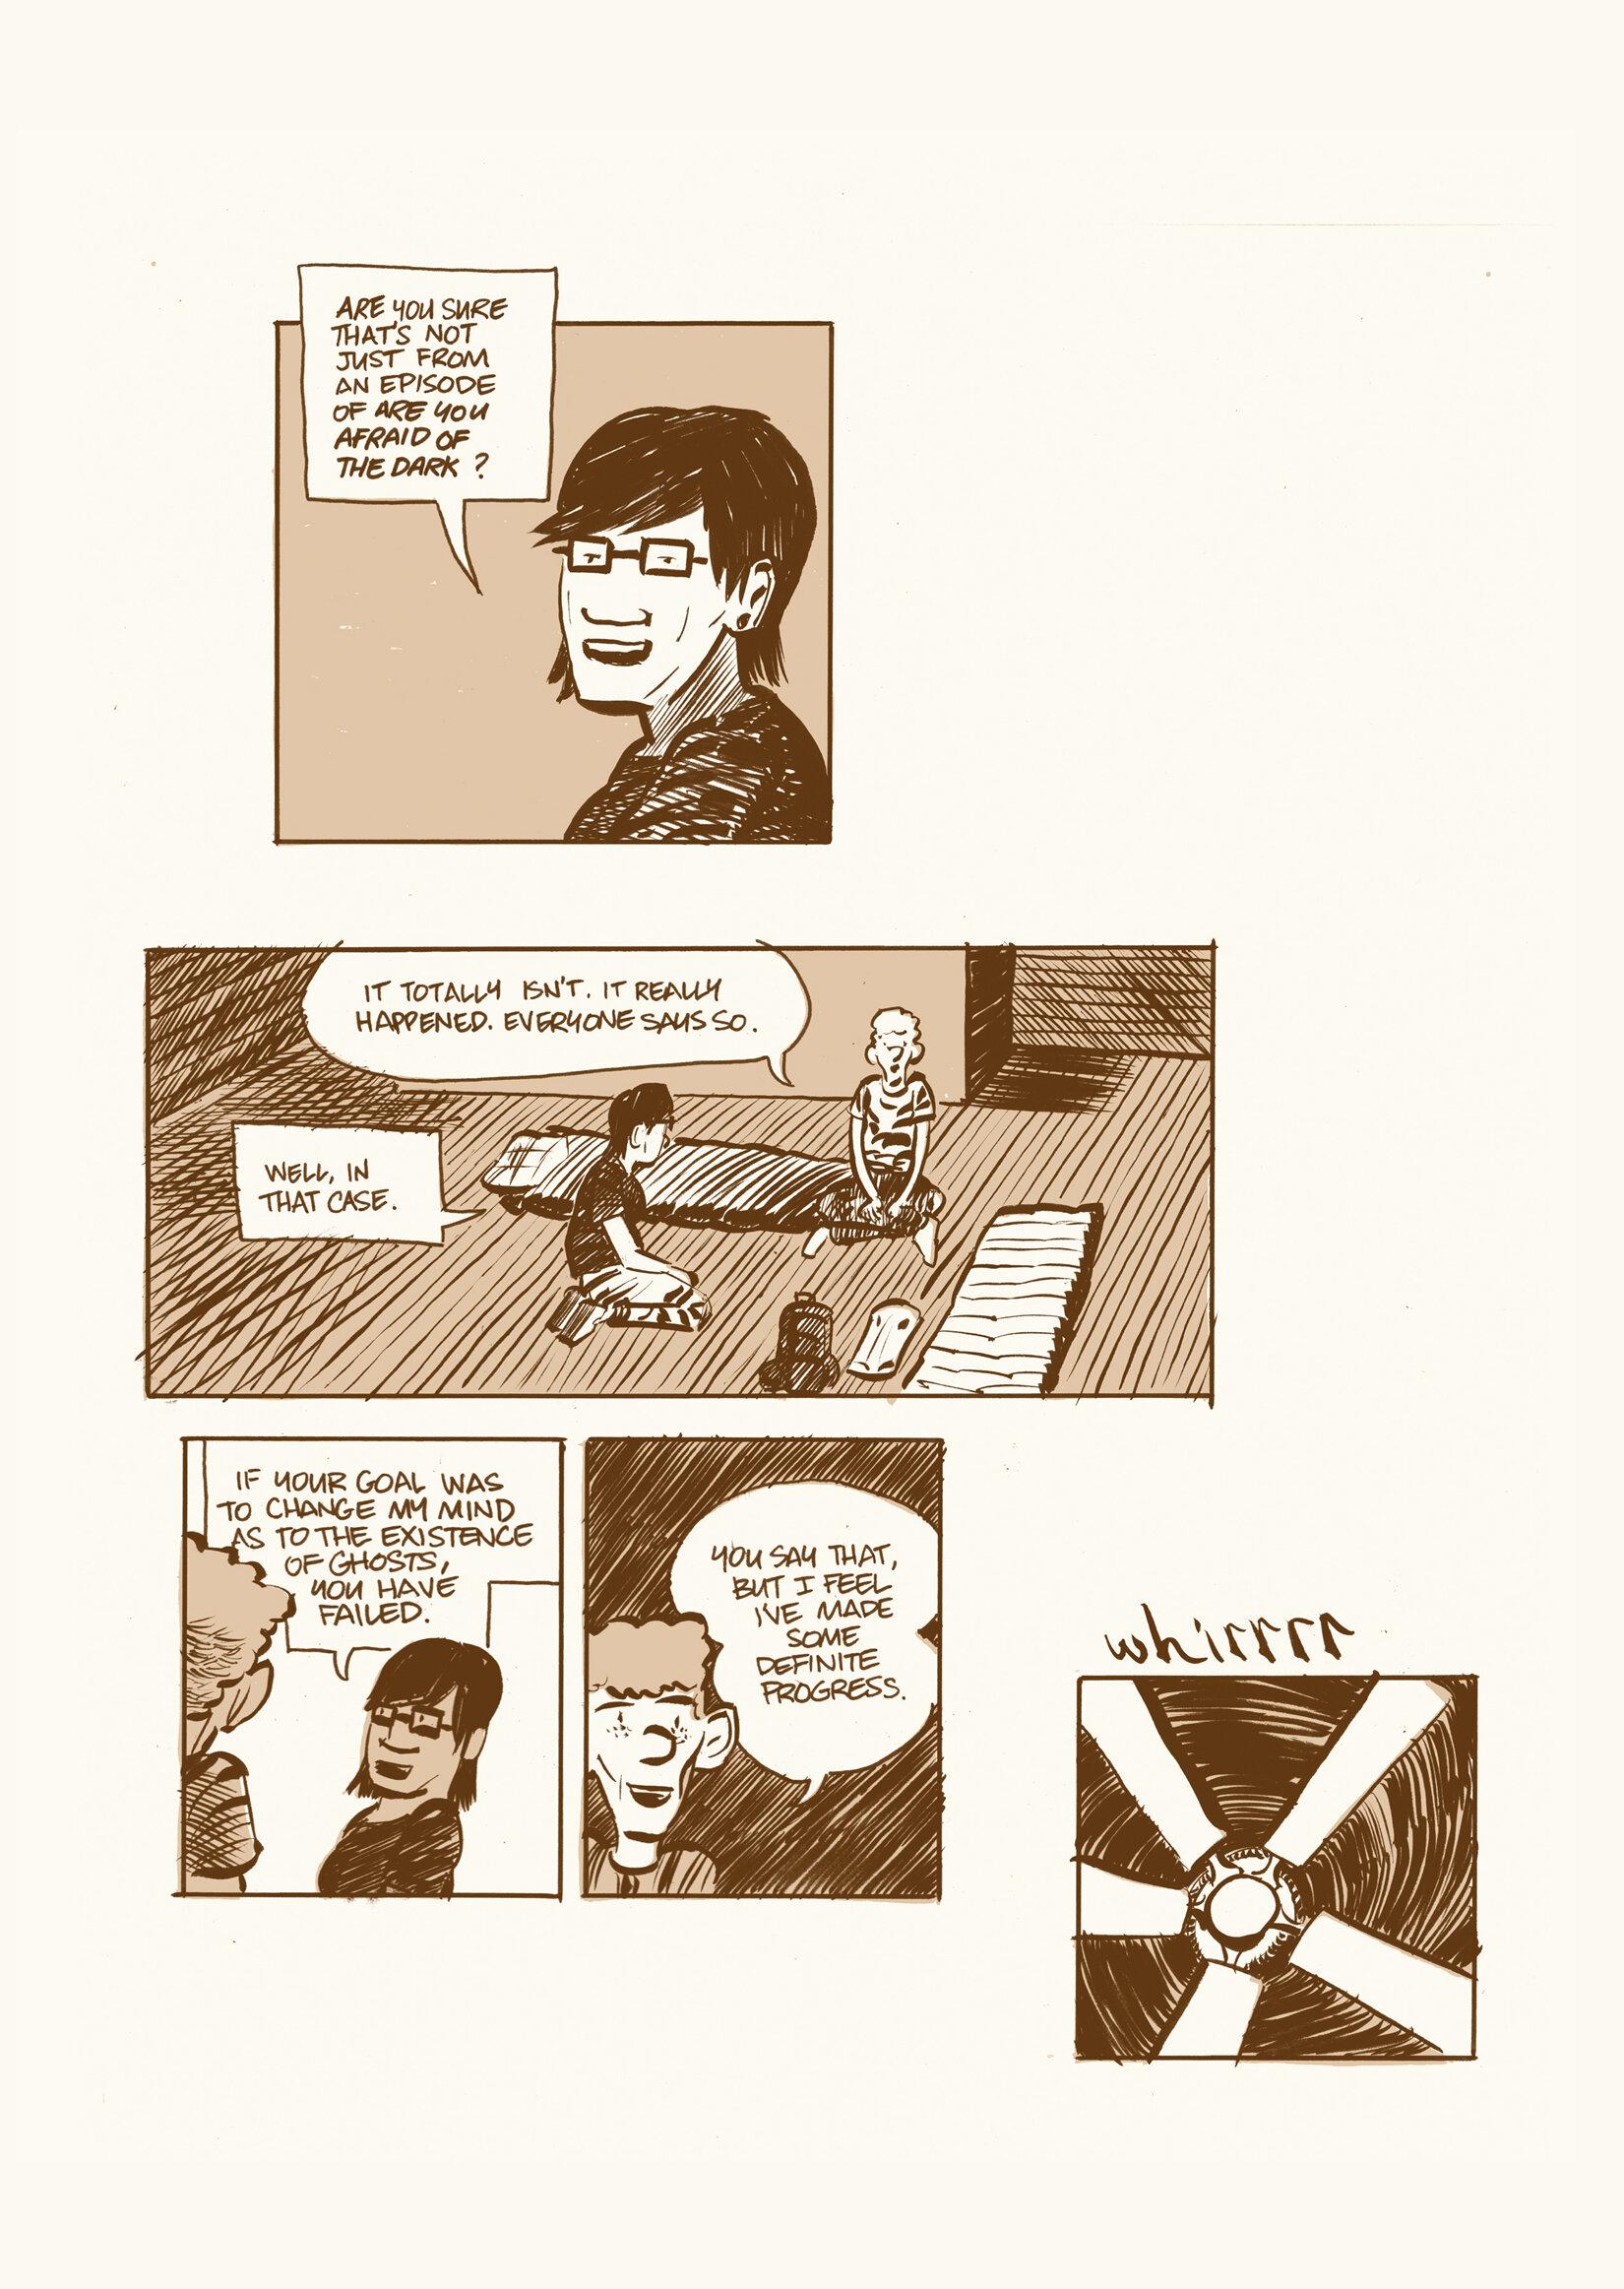 G Page 010.jpg